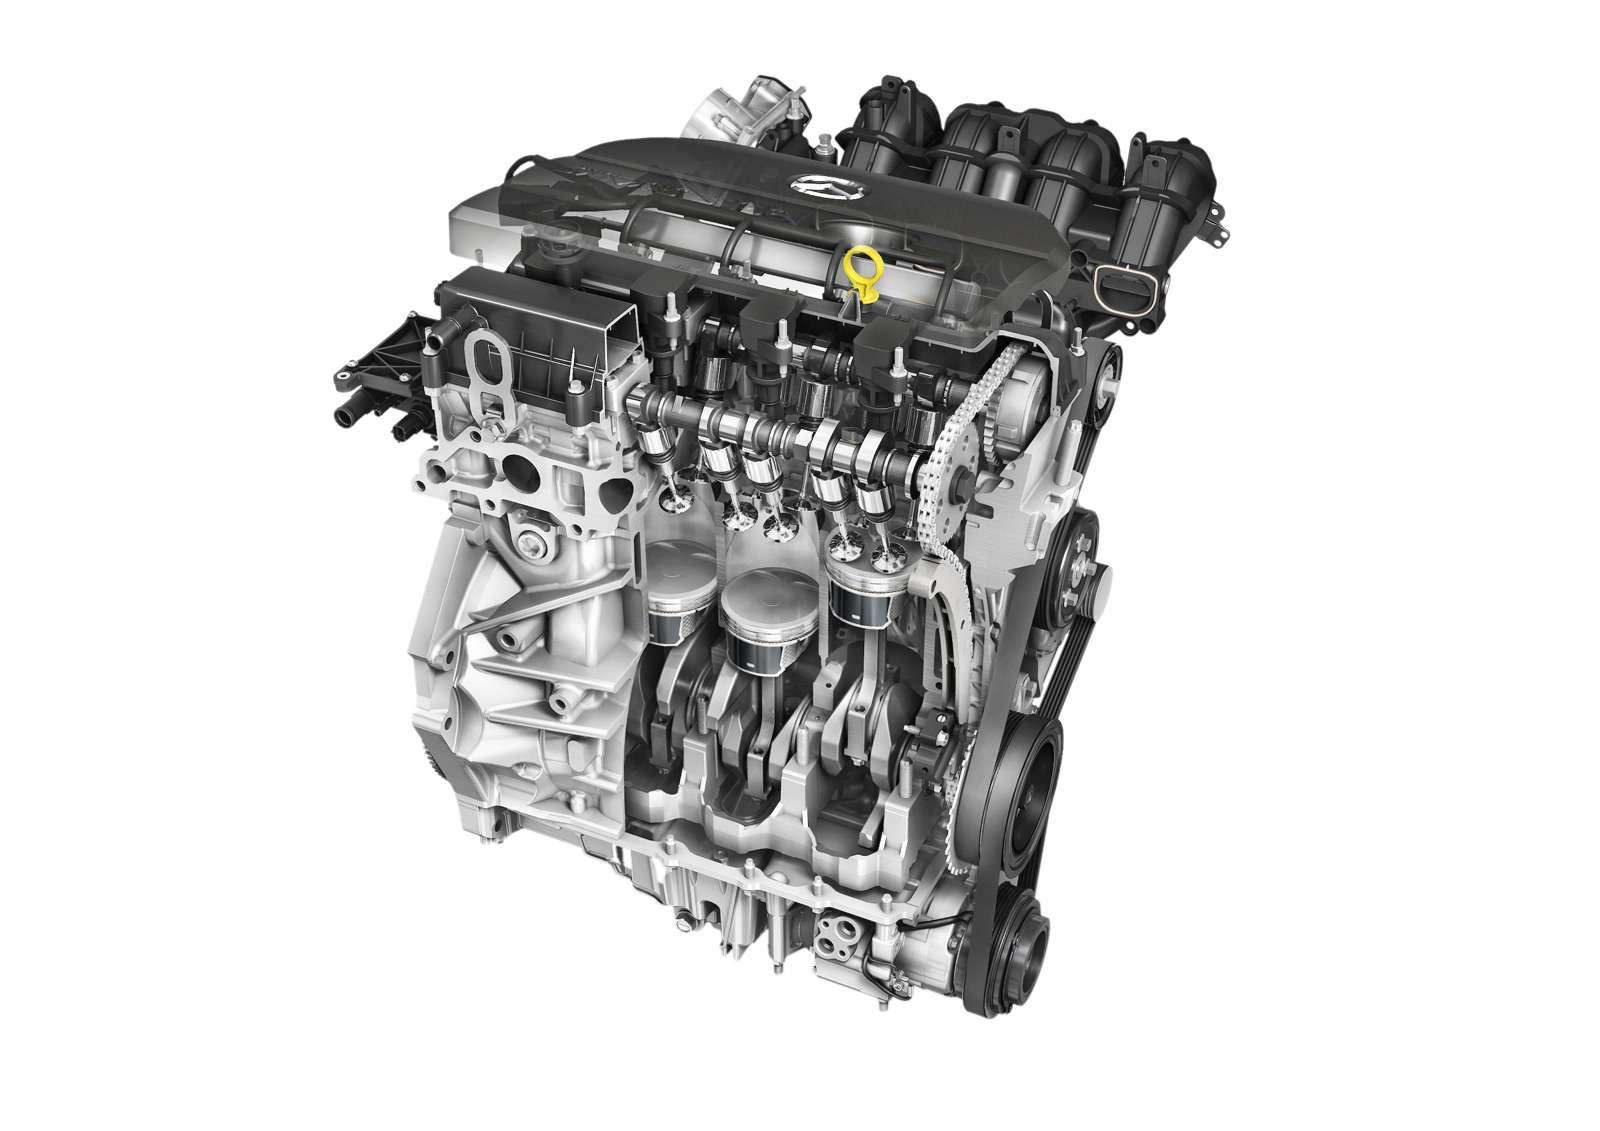 Рейтинг надежности двигателей автомобилей: два литра проблем— фото 590352